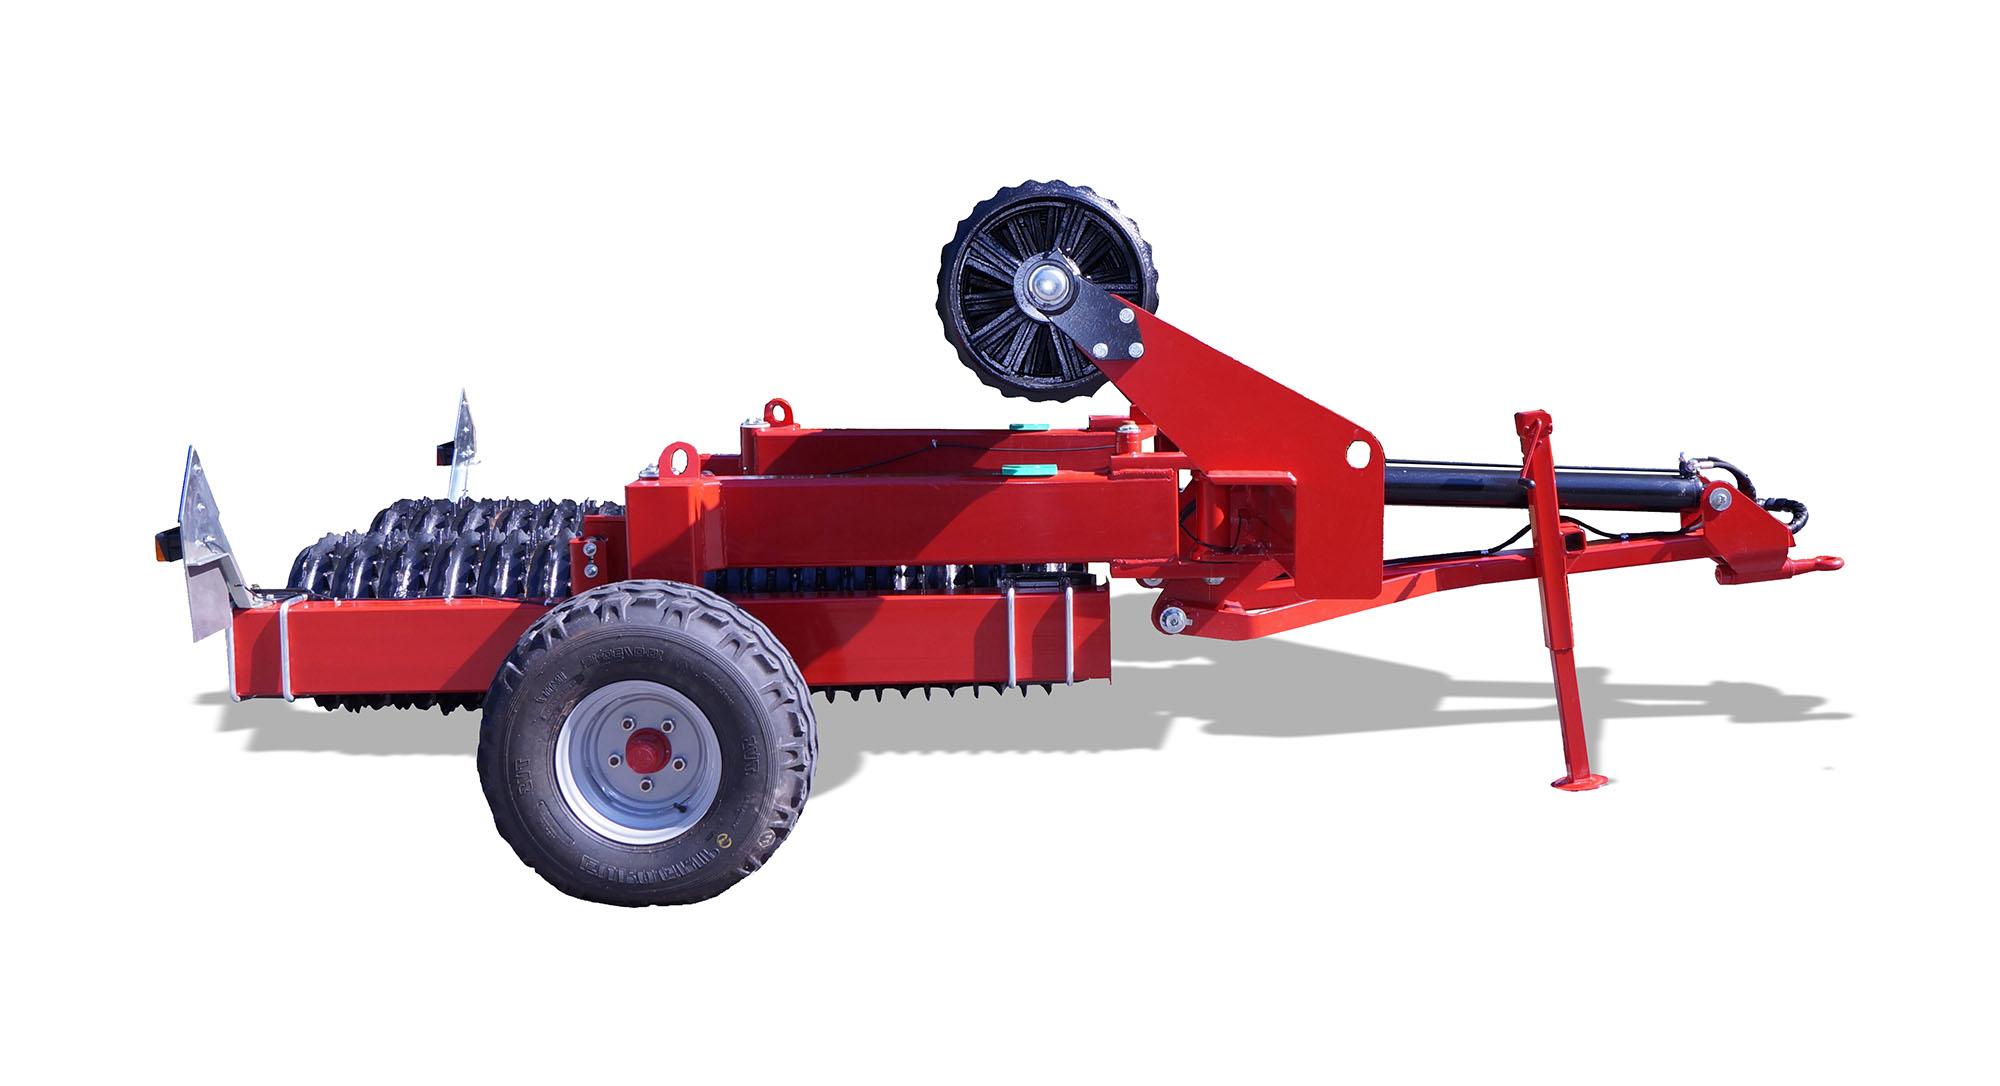 RCGPD 4500 - 6000